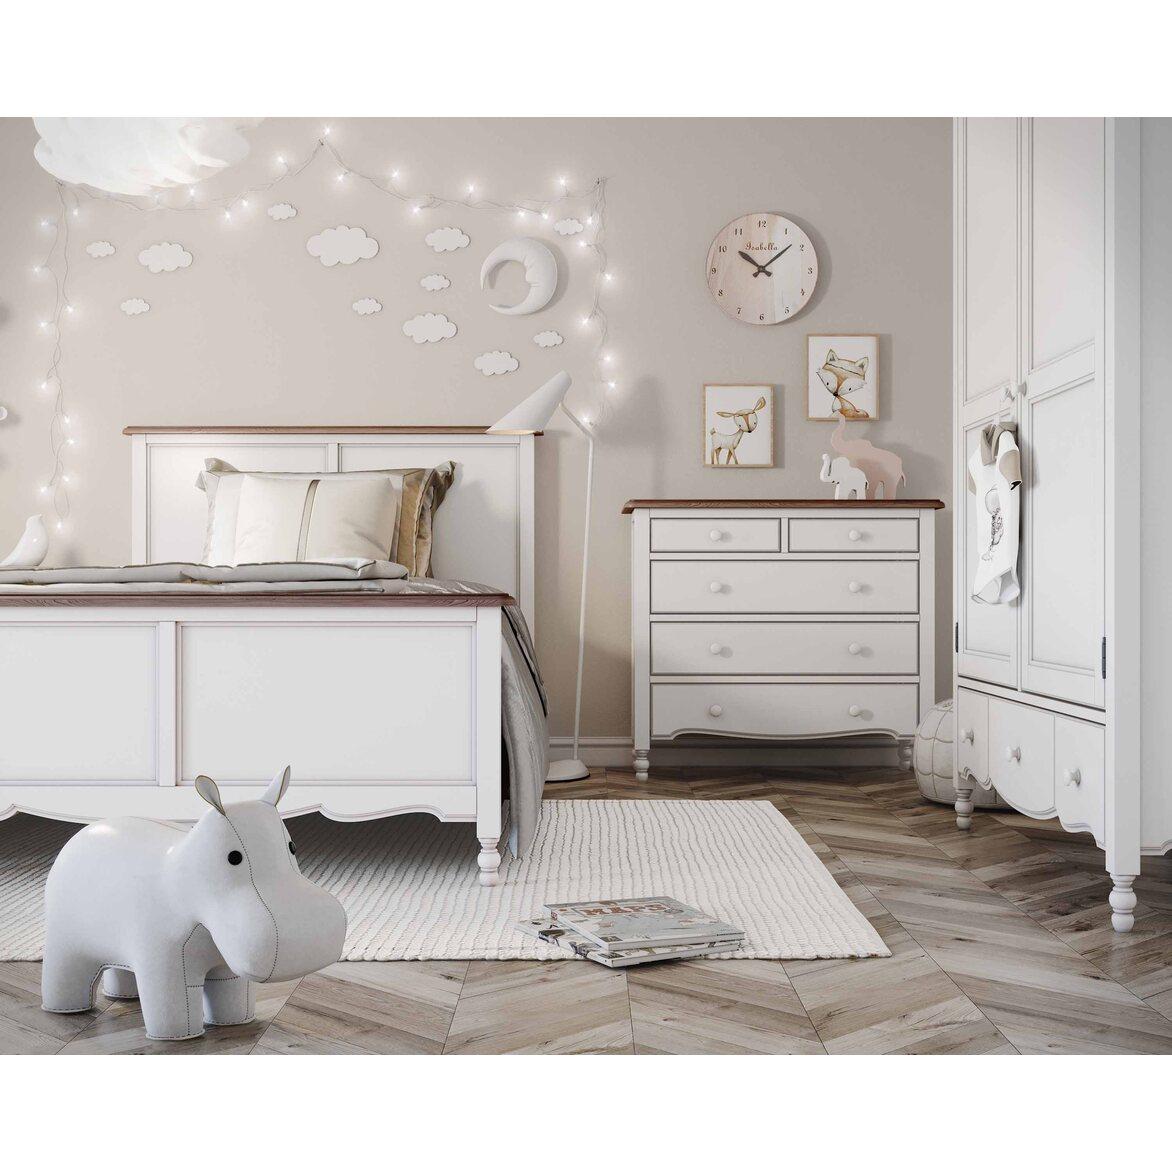 Кровать односпальная 120*200 Leblanc, белая 7 | Односпальные кровати Kingsby